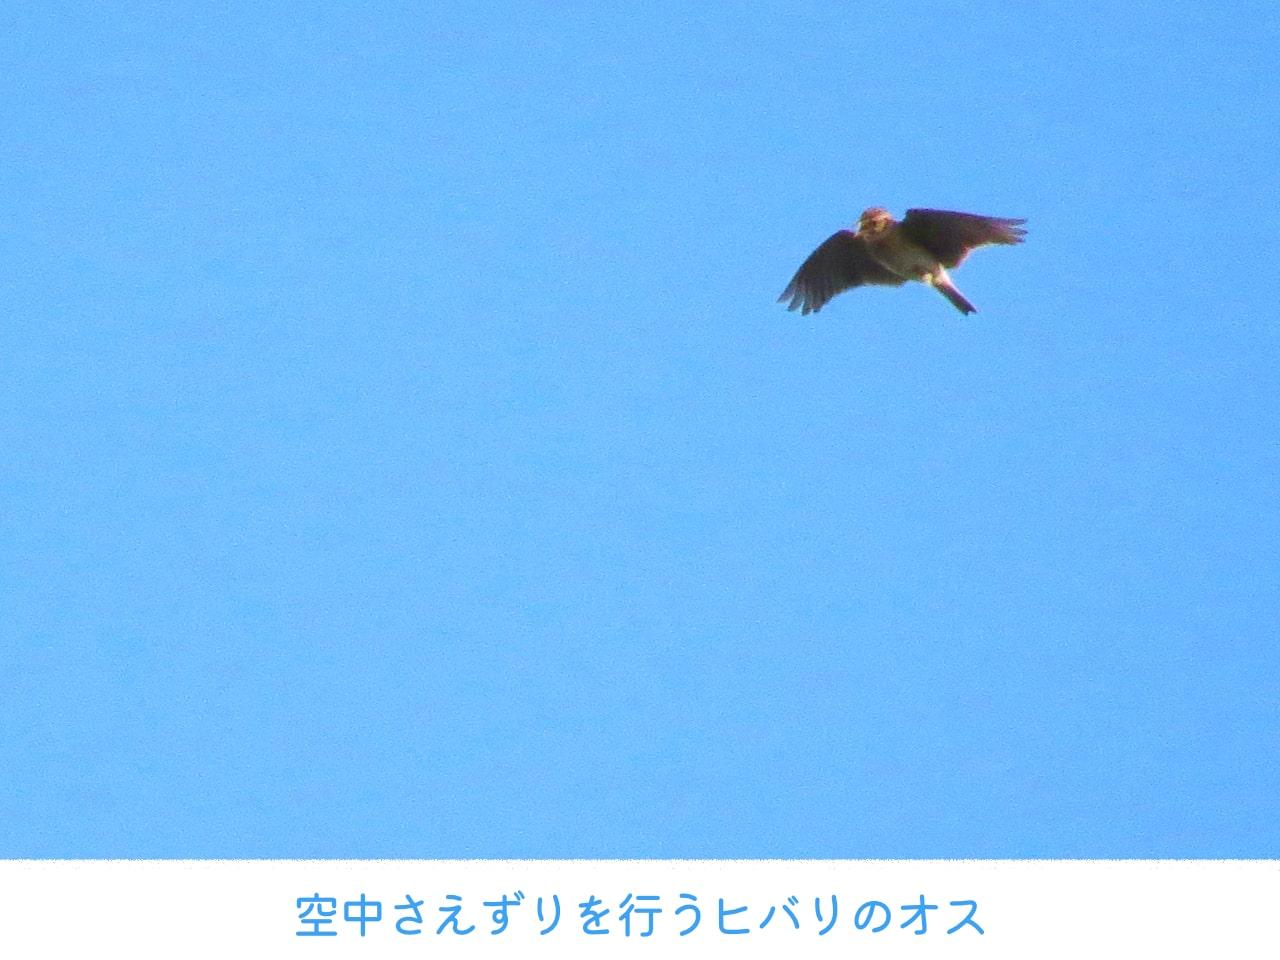 空中でさえずりを行うヒバリの写真